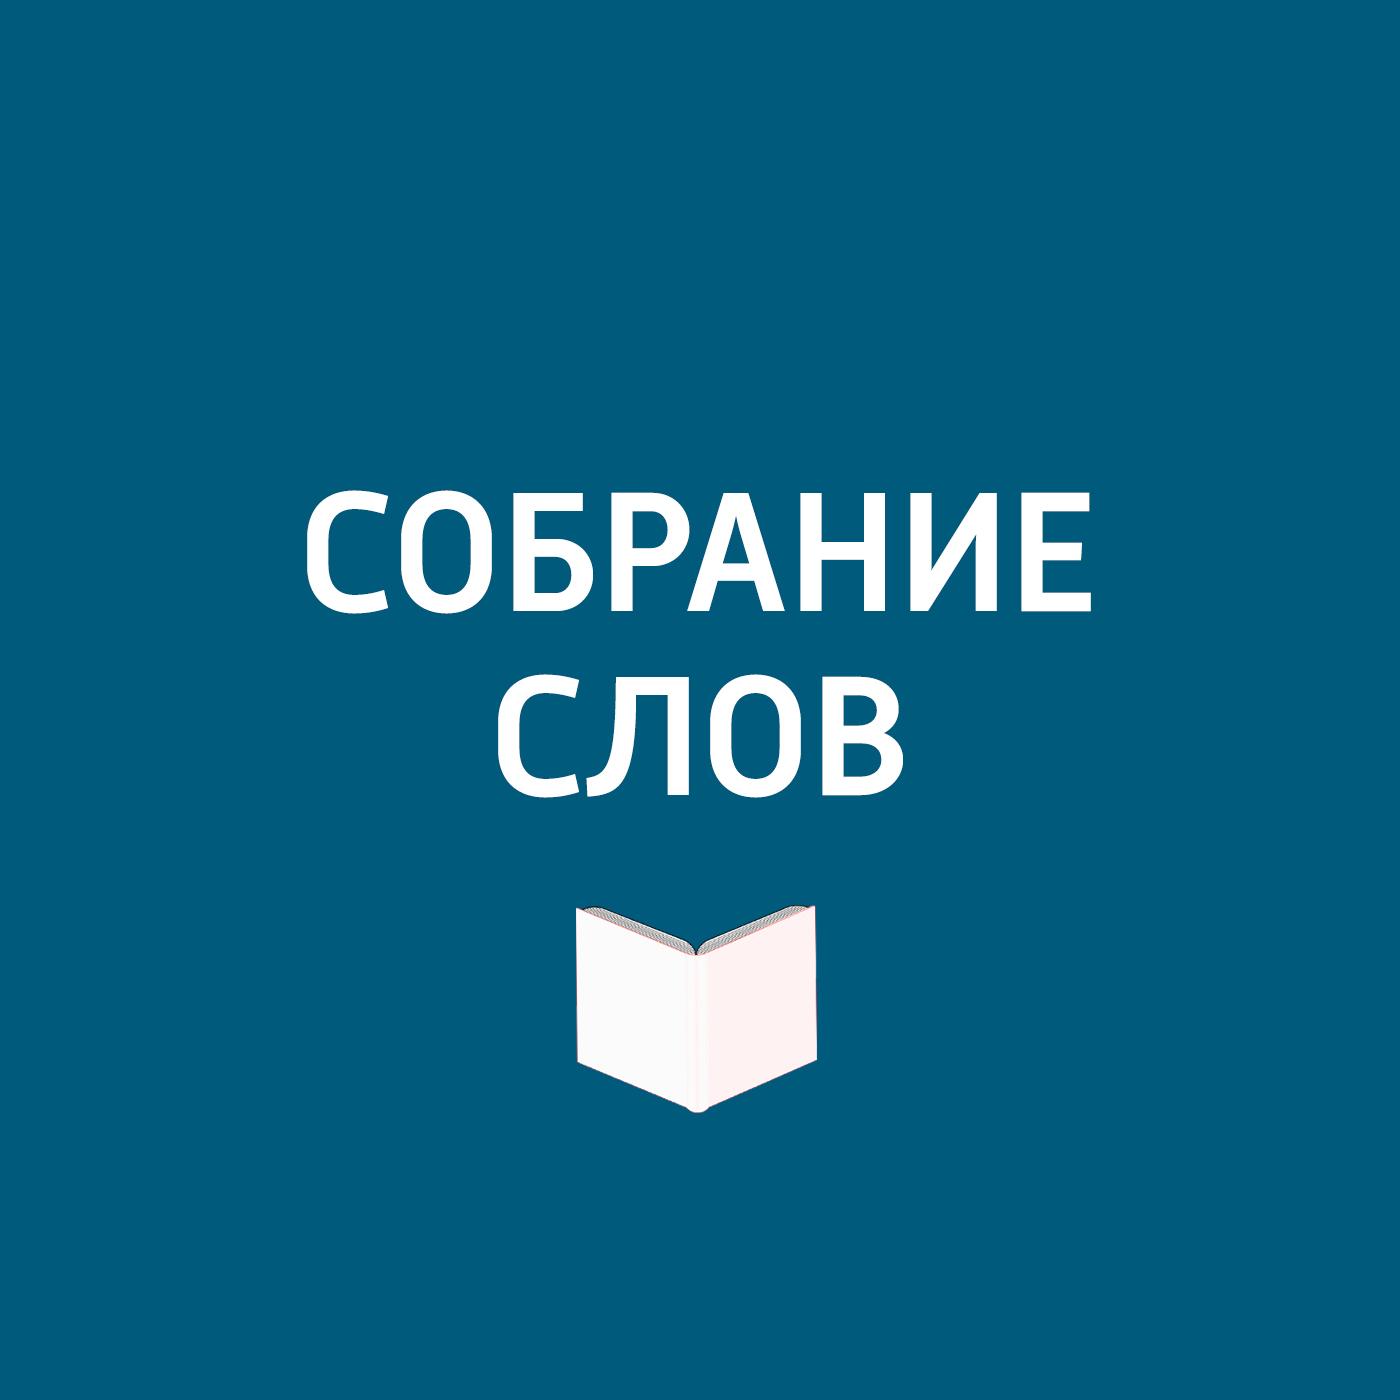 Большое интервью Павла Глобы. Первая часть